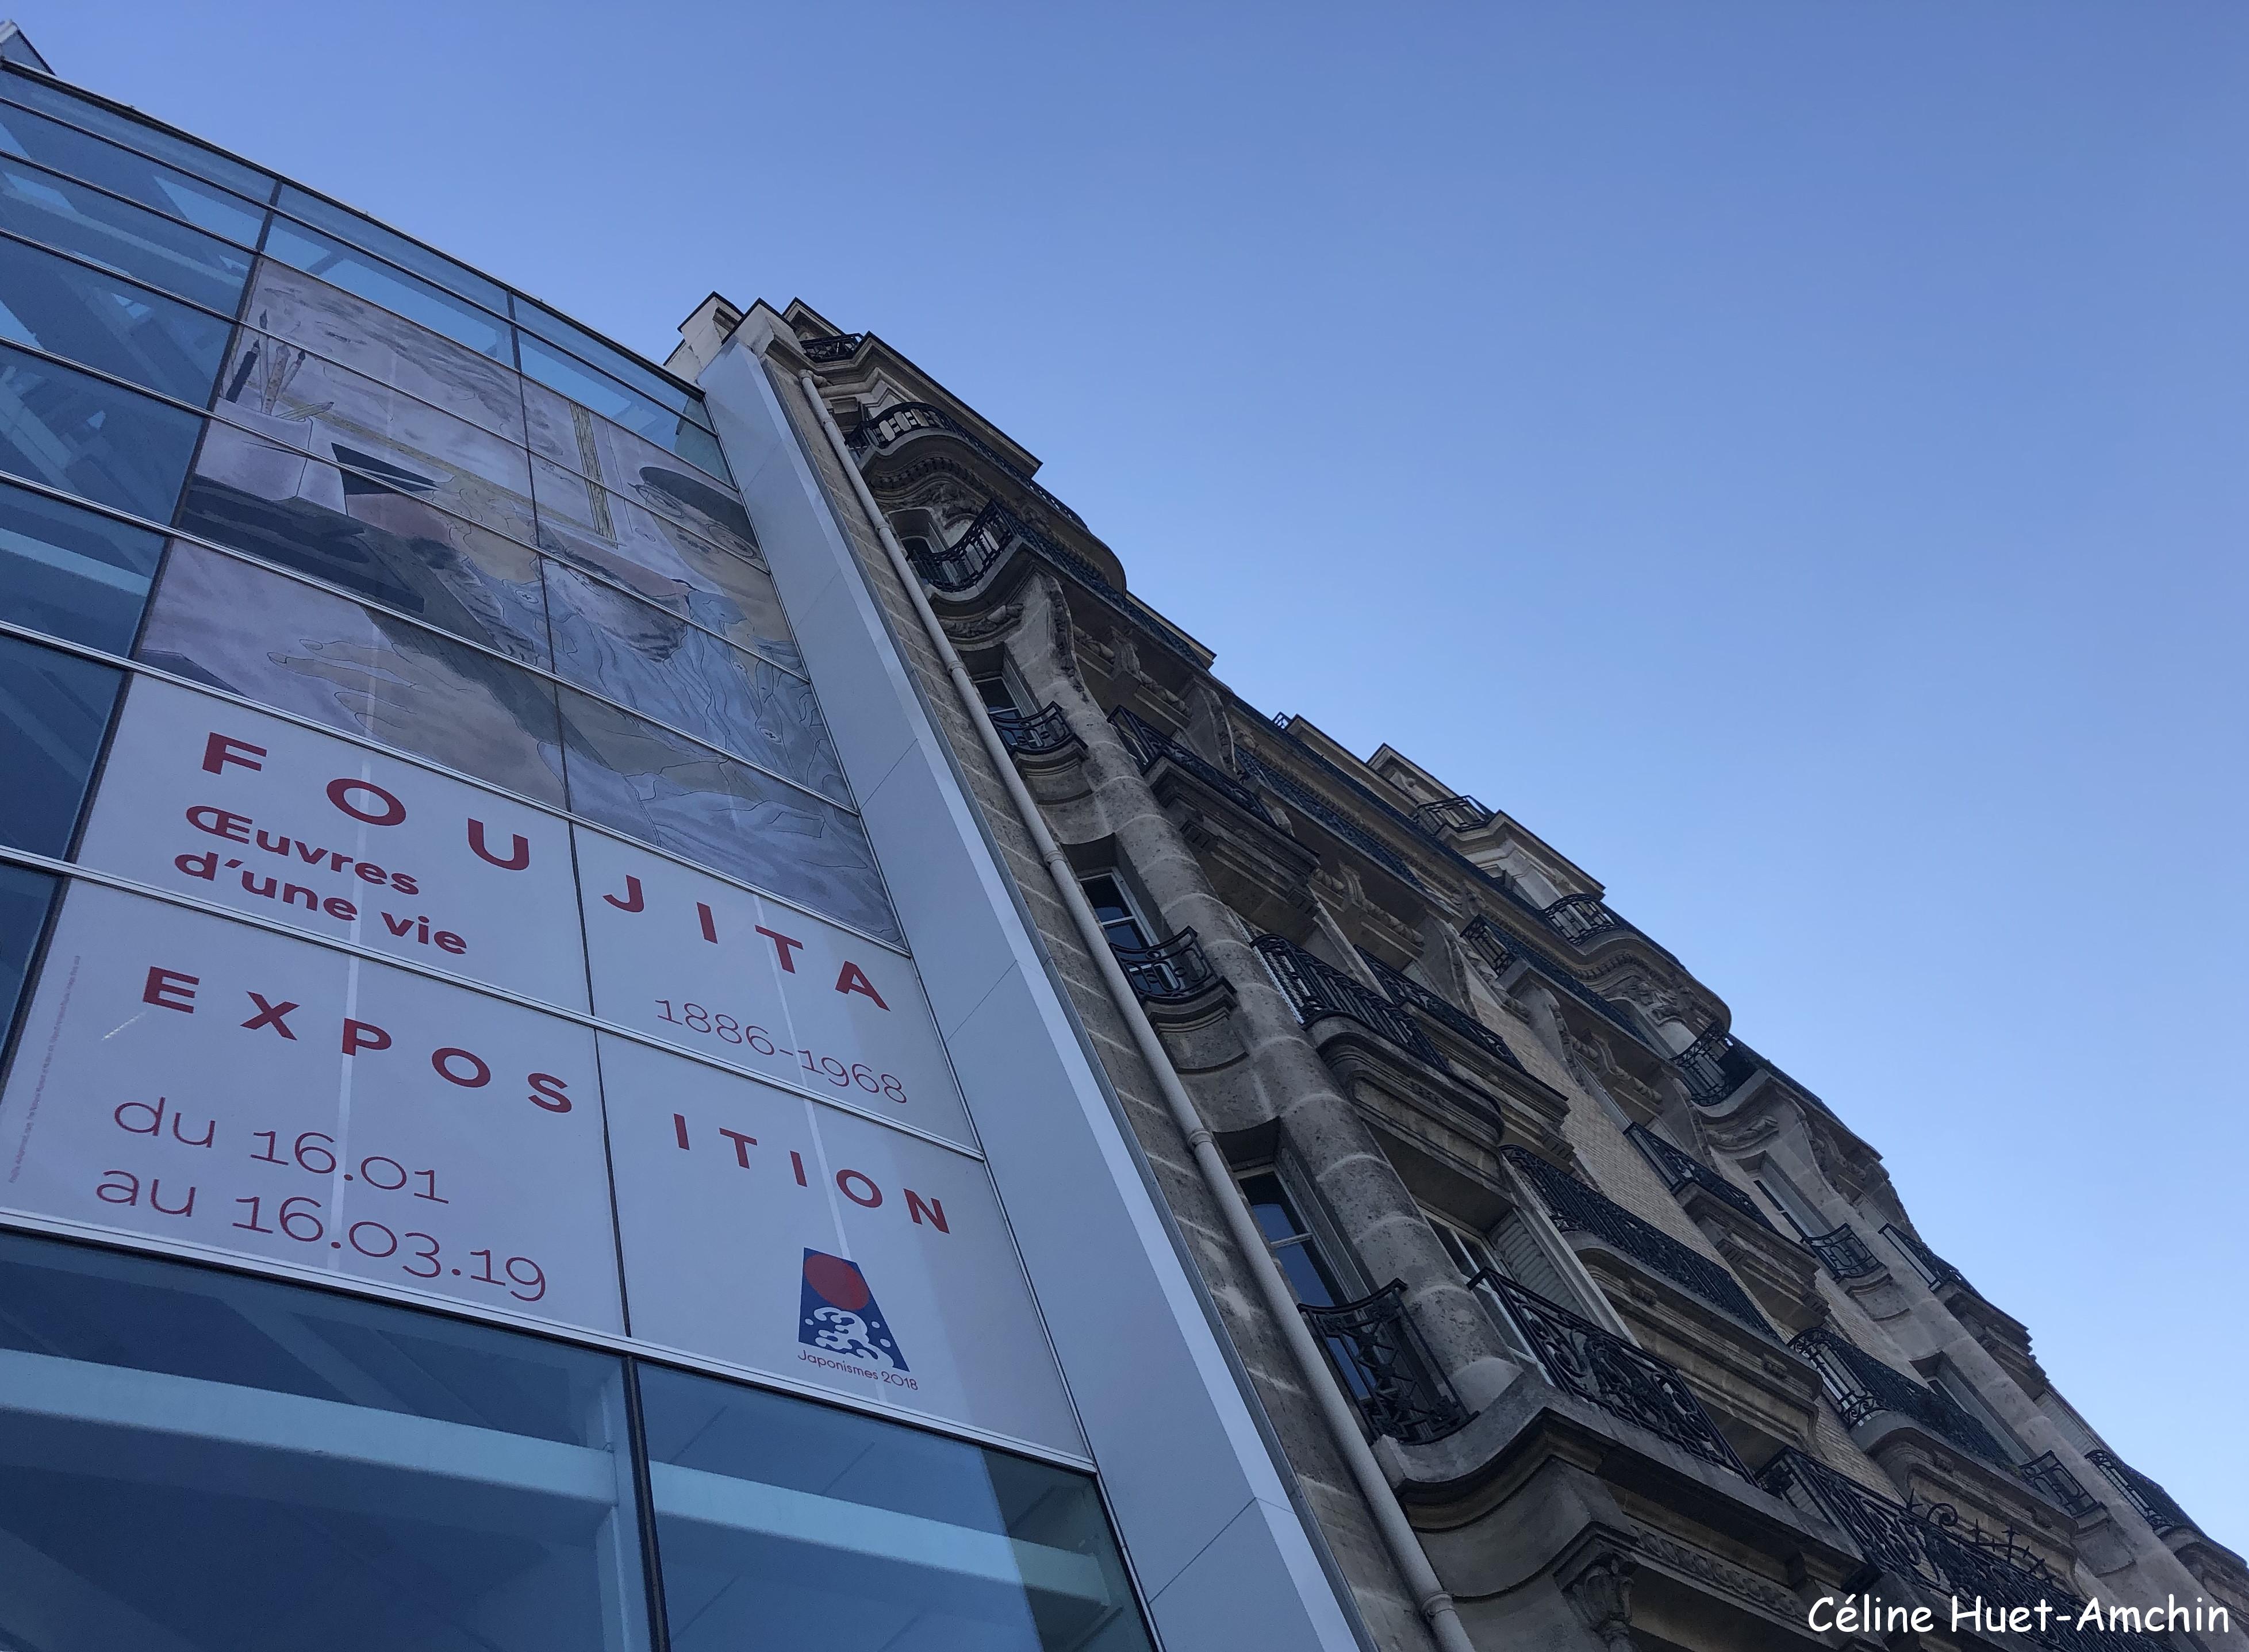 Exposition Foujita 1886-1968 oeuvres d'une vie Maison de la Culture du Japon Paris